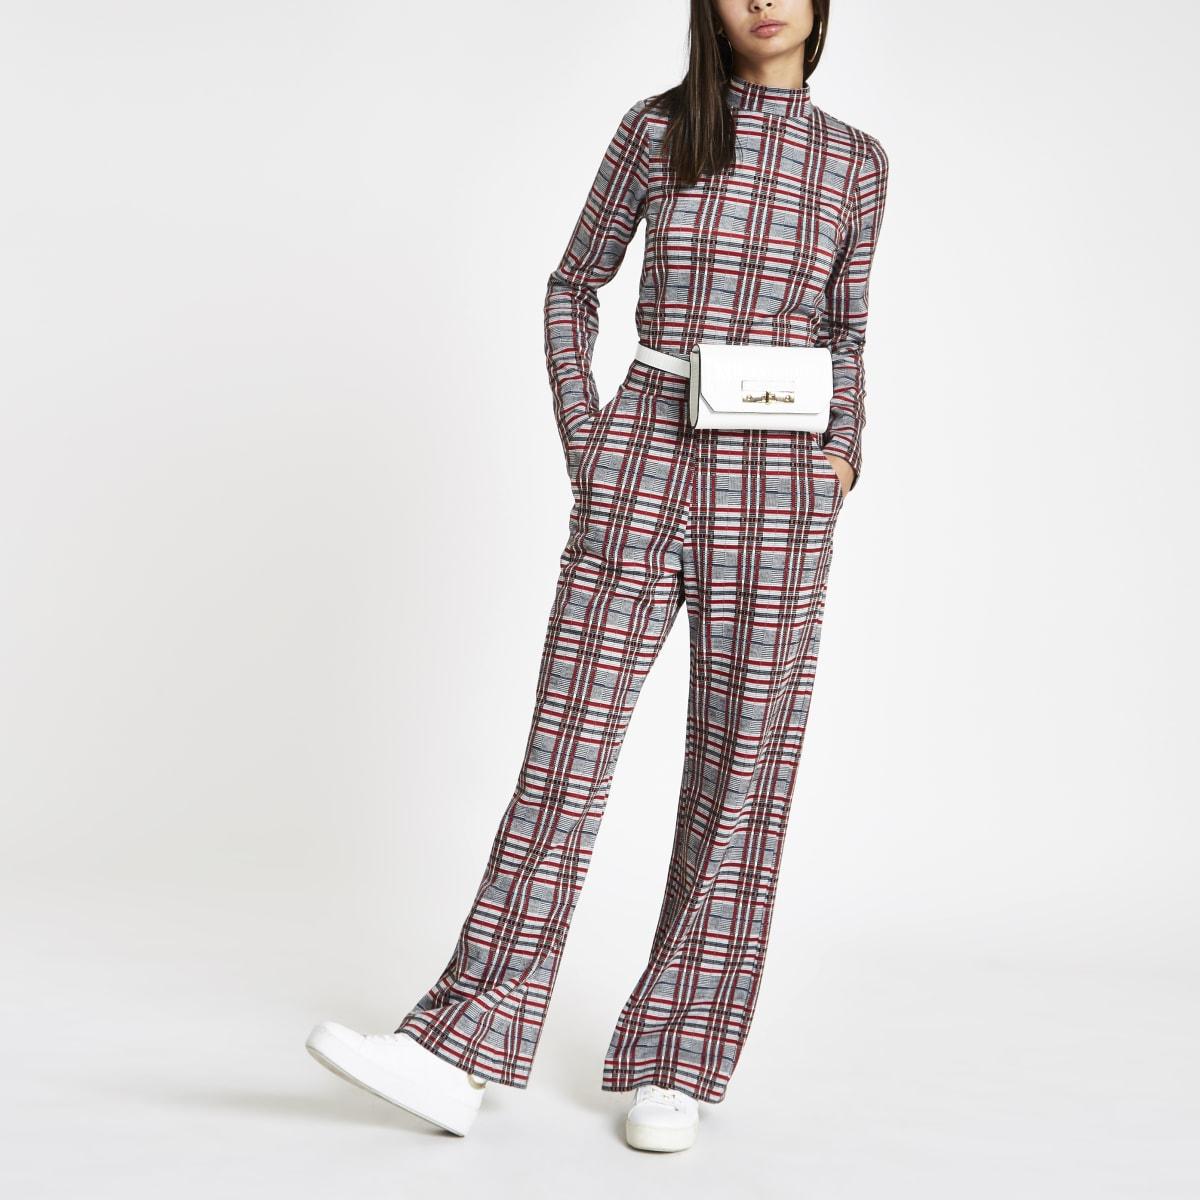 Rode geruite broek met wijde pijpen